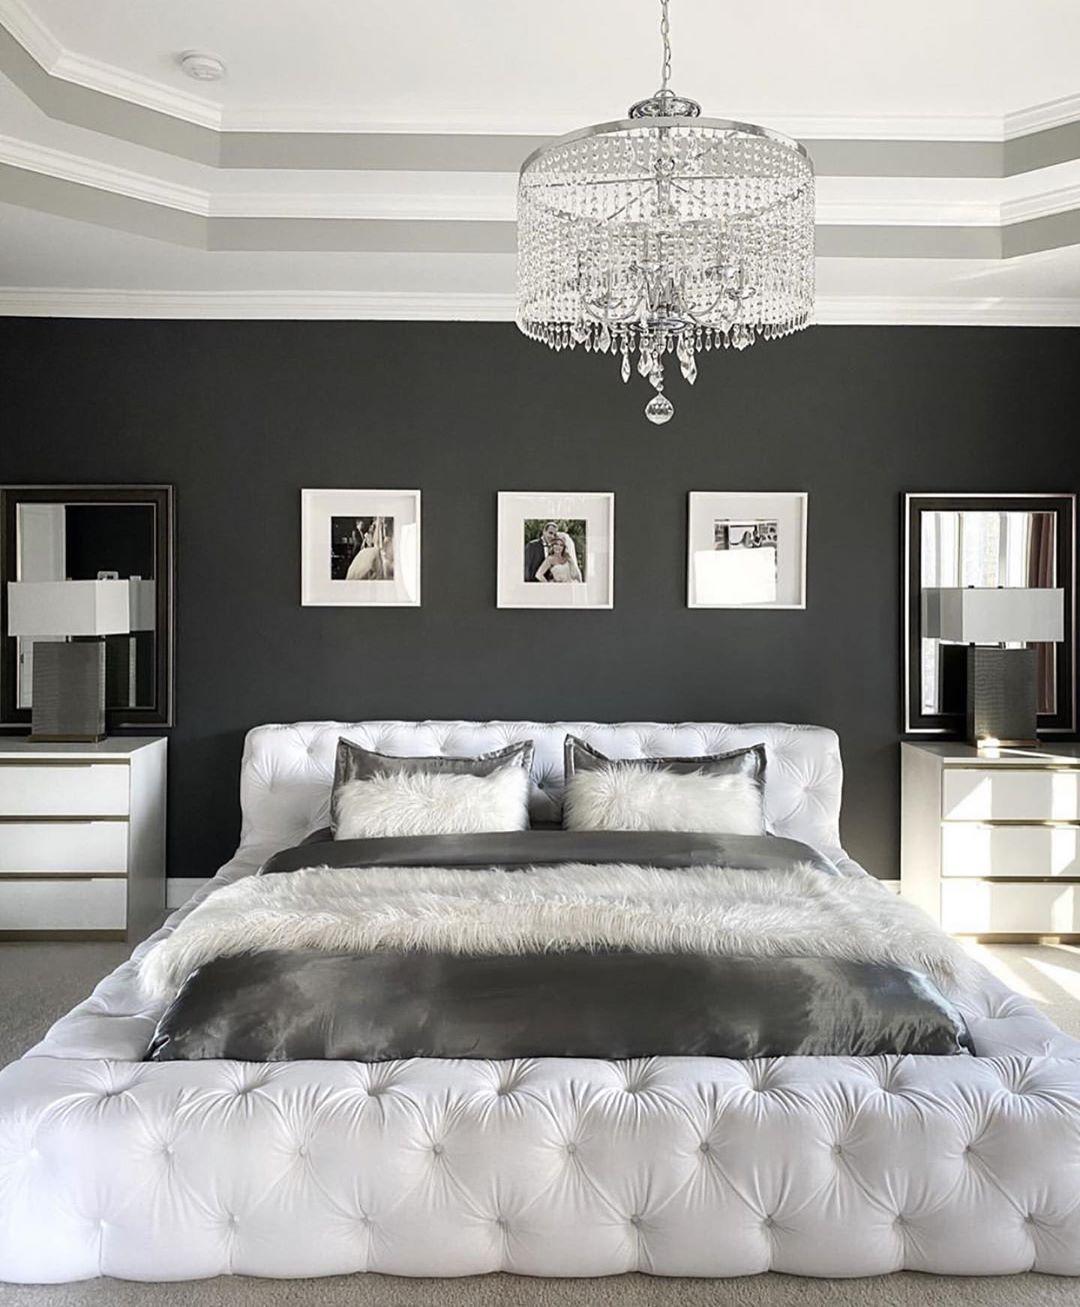 Los 6 errores de decoración que los diseñadores ven al entrar a tu dormitorio - el color